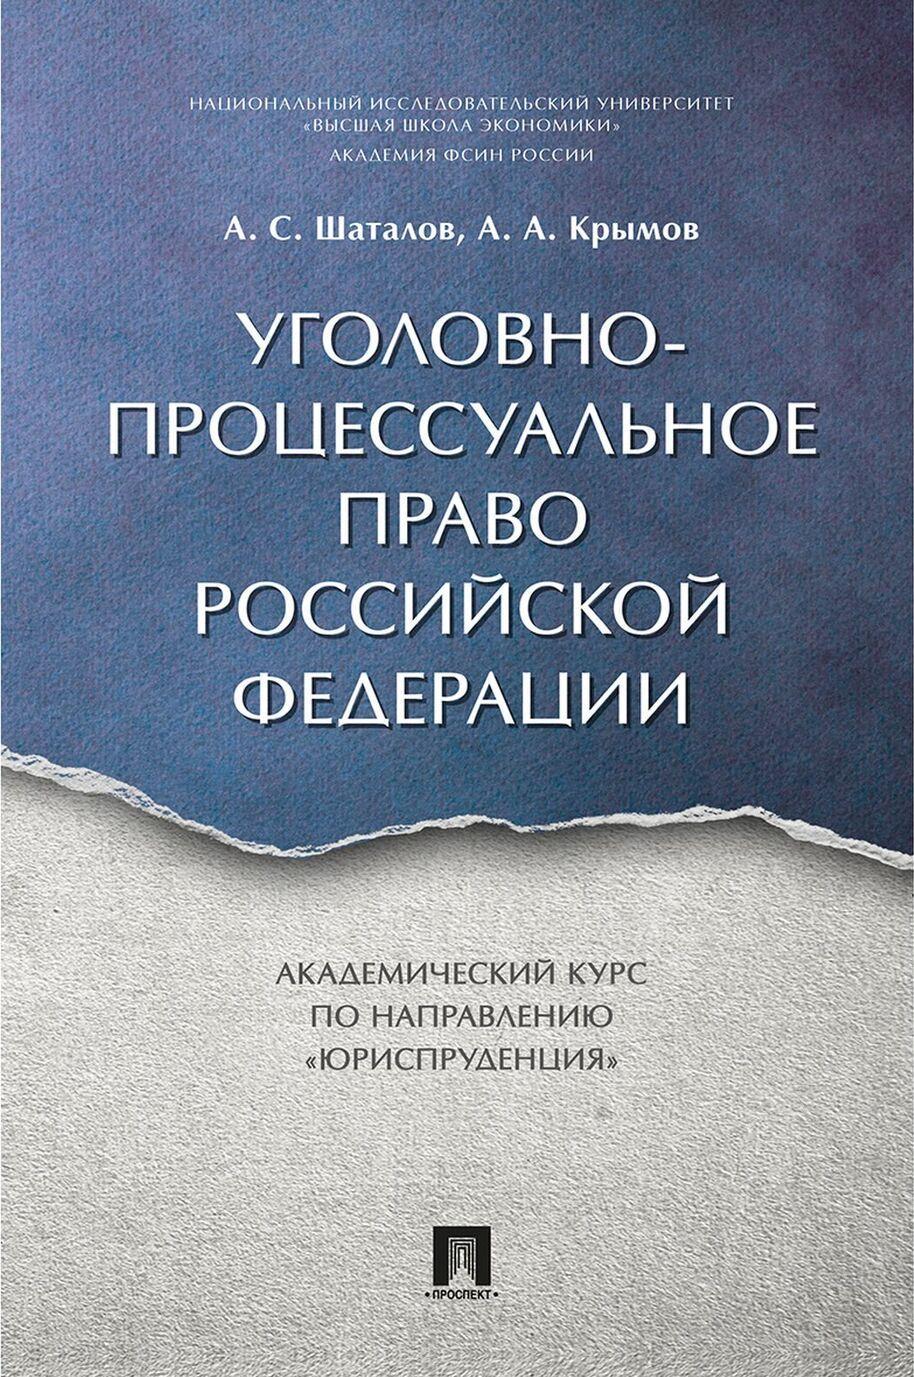 """Ugolovno-protsessualnoe pravo RF. Akademicheskij kurs """"Jurisprudentsija"""""""